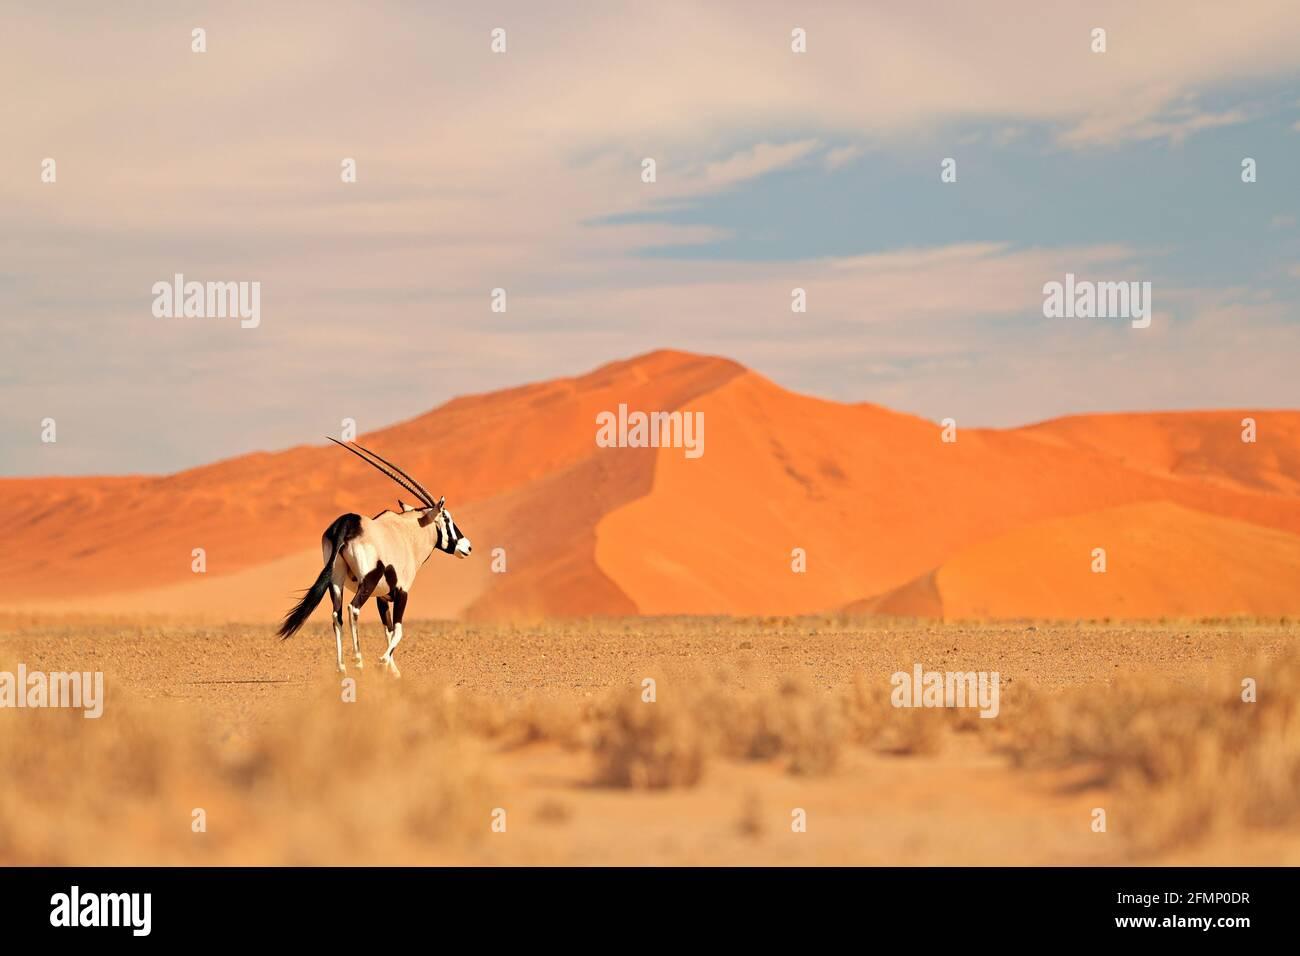 Gemsbok avec une dune de sable orange coucher de soleil. Gembuck, Oryx gazella, grand antilope dans l'habitat naturel, Sossusvlei, Namibie. Animaux sauvages dans le savan Banque D'Images